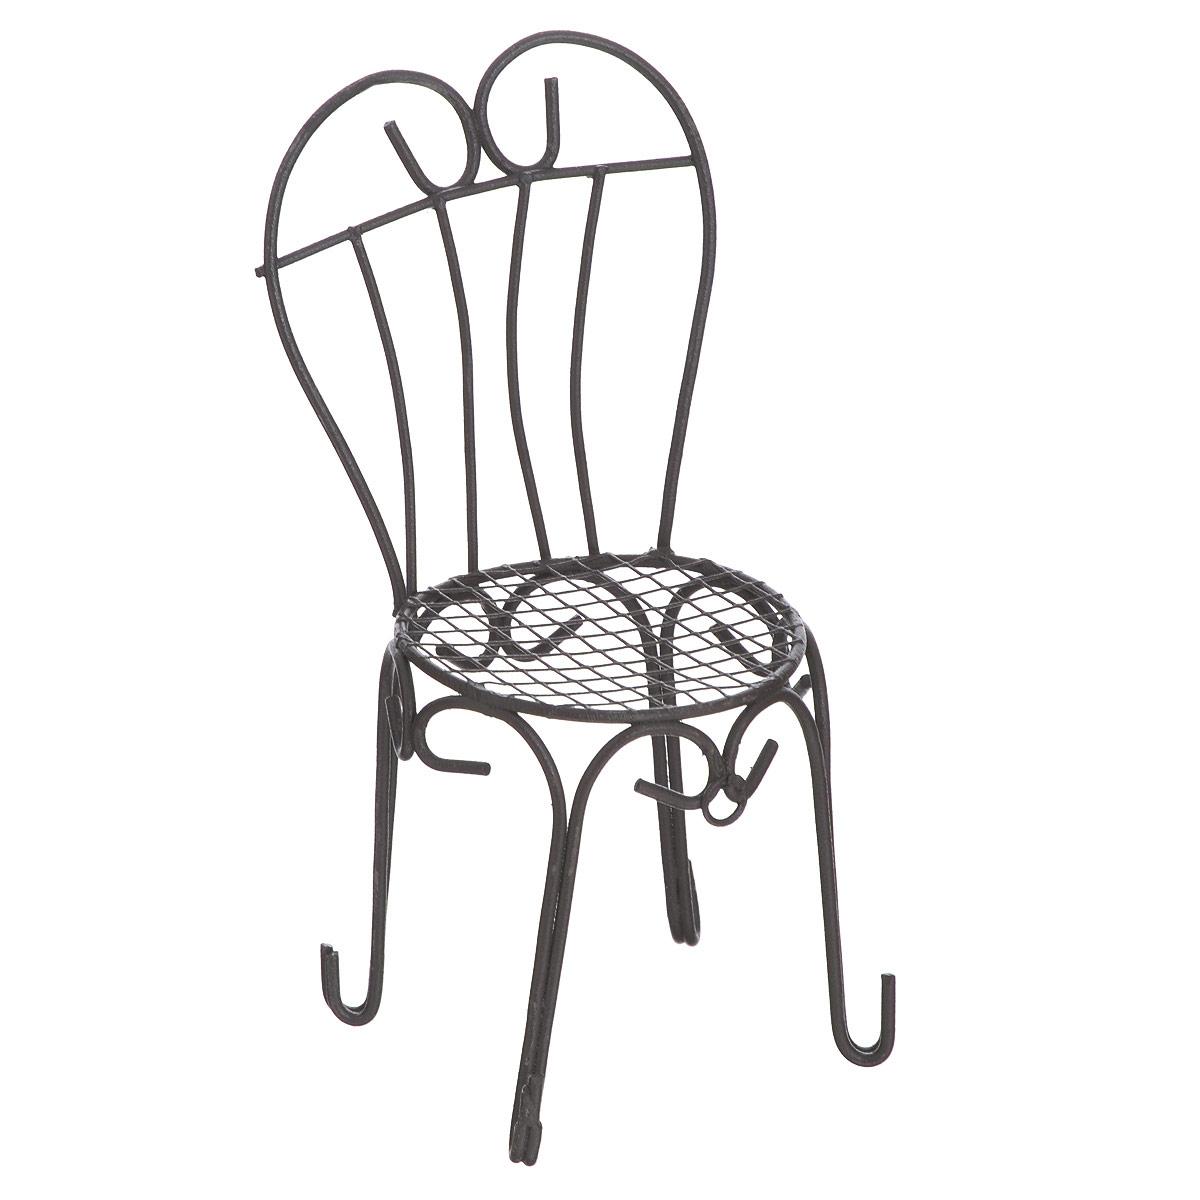 Миниатюра кукольная ScrapBerrys Стул с сердцевидной спинкойSCB271014Миниатюра кукольная ScrapBerrys Стул с сердцевидной спинкой изготовлена из металла в виде стула со спинкой в виде сердца. Такая миниатюра прекрасно подойдет для декорирования кукольных домиков, а также для оформления работ в самых различных техниках, для презентации трехмерных изображений или предметов. Кукольная миниатюра представляет собой целый мир с собственной модой, историей и законами. В нашей стране кукольная и историческая миниатюра только набирает популярность, тогда как в других государствах уже сложились целые традиции по созданию миниатюр. Создание миниатюр сводится к правильному подбору всех элементов интерьера согласно сюжетному и историческому контексту. Очень часто наборы кукольных миниатюр передается от поколения к поколению. И порой такие коллекции - далеко не детская забава, а настоящее серьезное хобби для взрослых. Стильные, красивые маленькие вещички и аксессуары интересно расставлять по своим местам, создавая необычные исторические, фантазийные и...